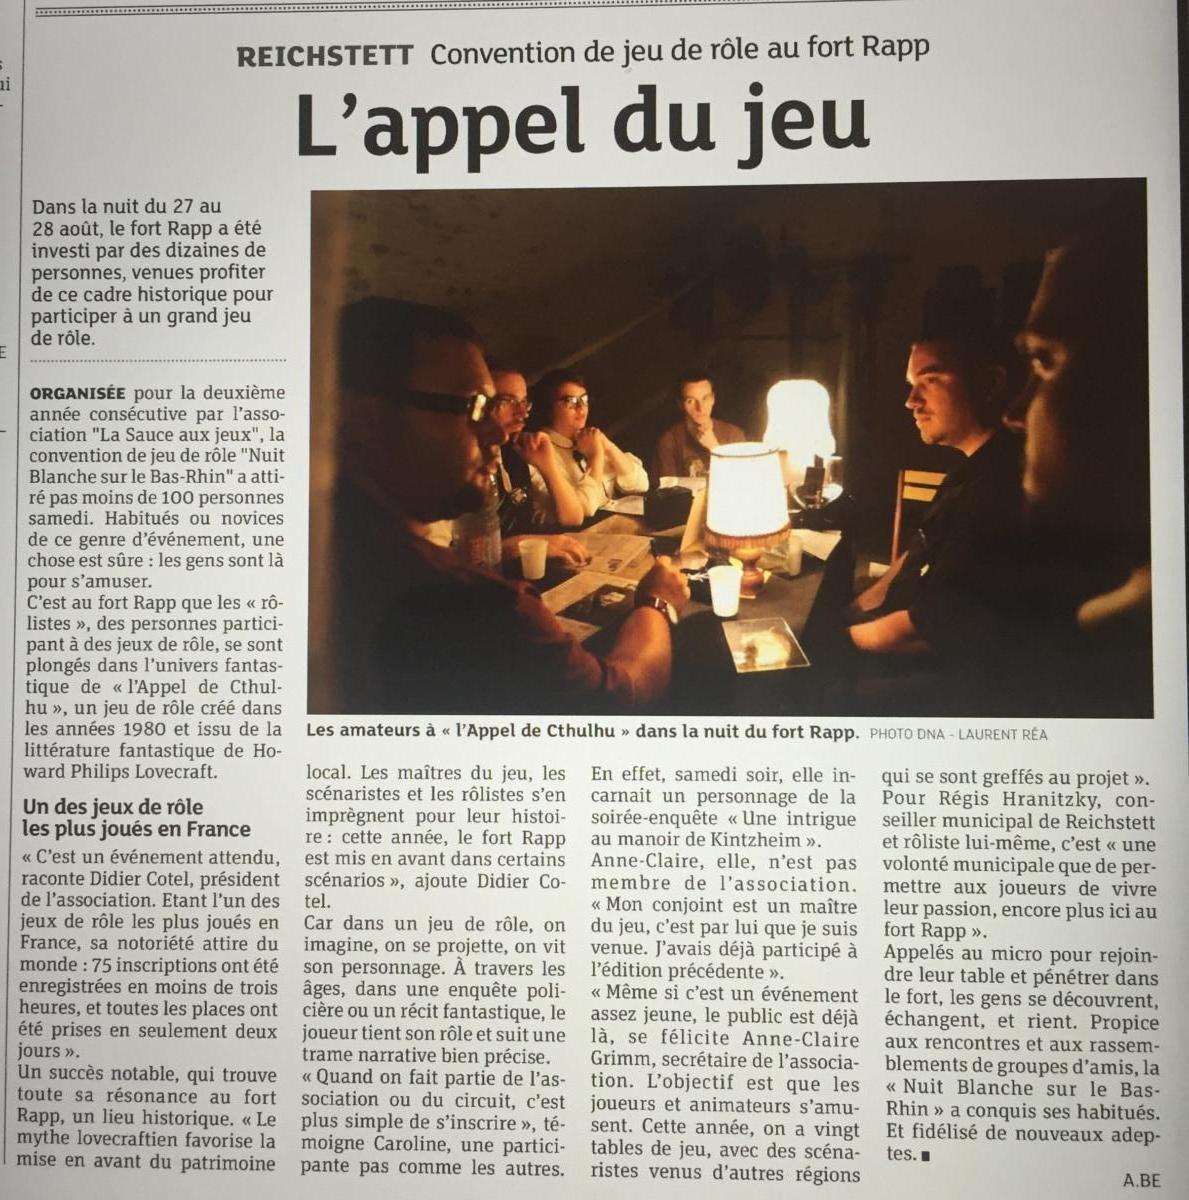 (2016 08 27) Nuit Blanche Sur Le Bas Rhin Article DNA